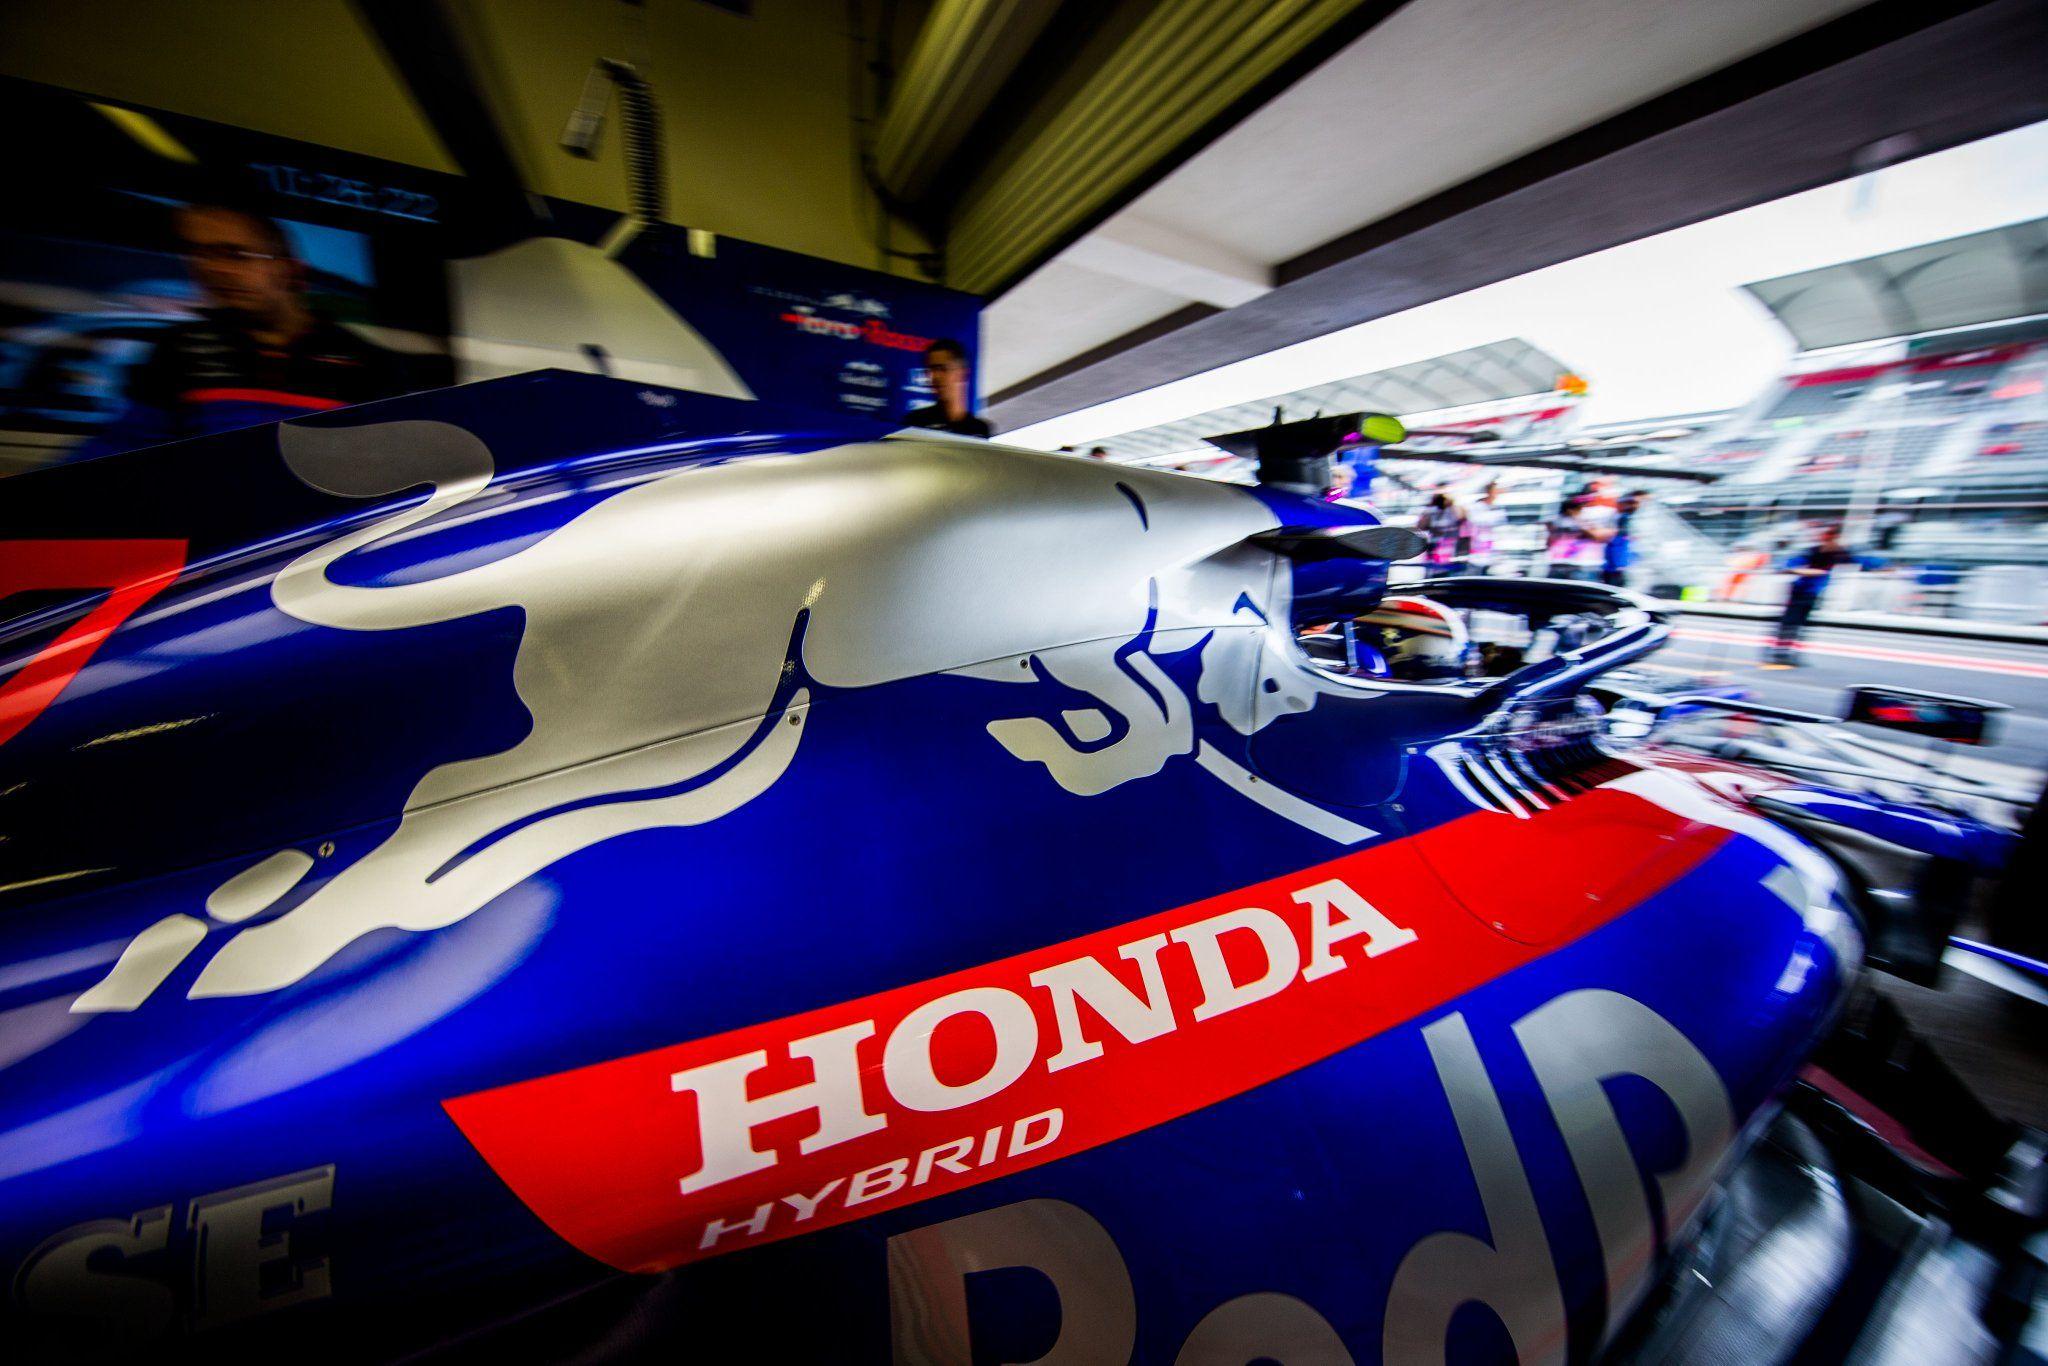 OFICIAL: Honda confirma su renovación con Red Bull y Toro Rosso hasta 2021